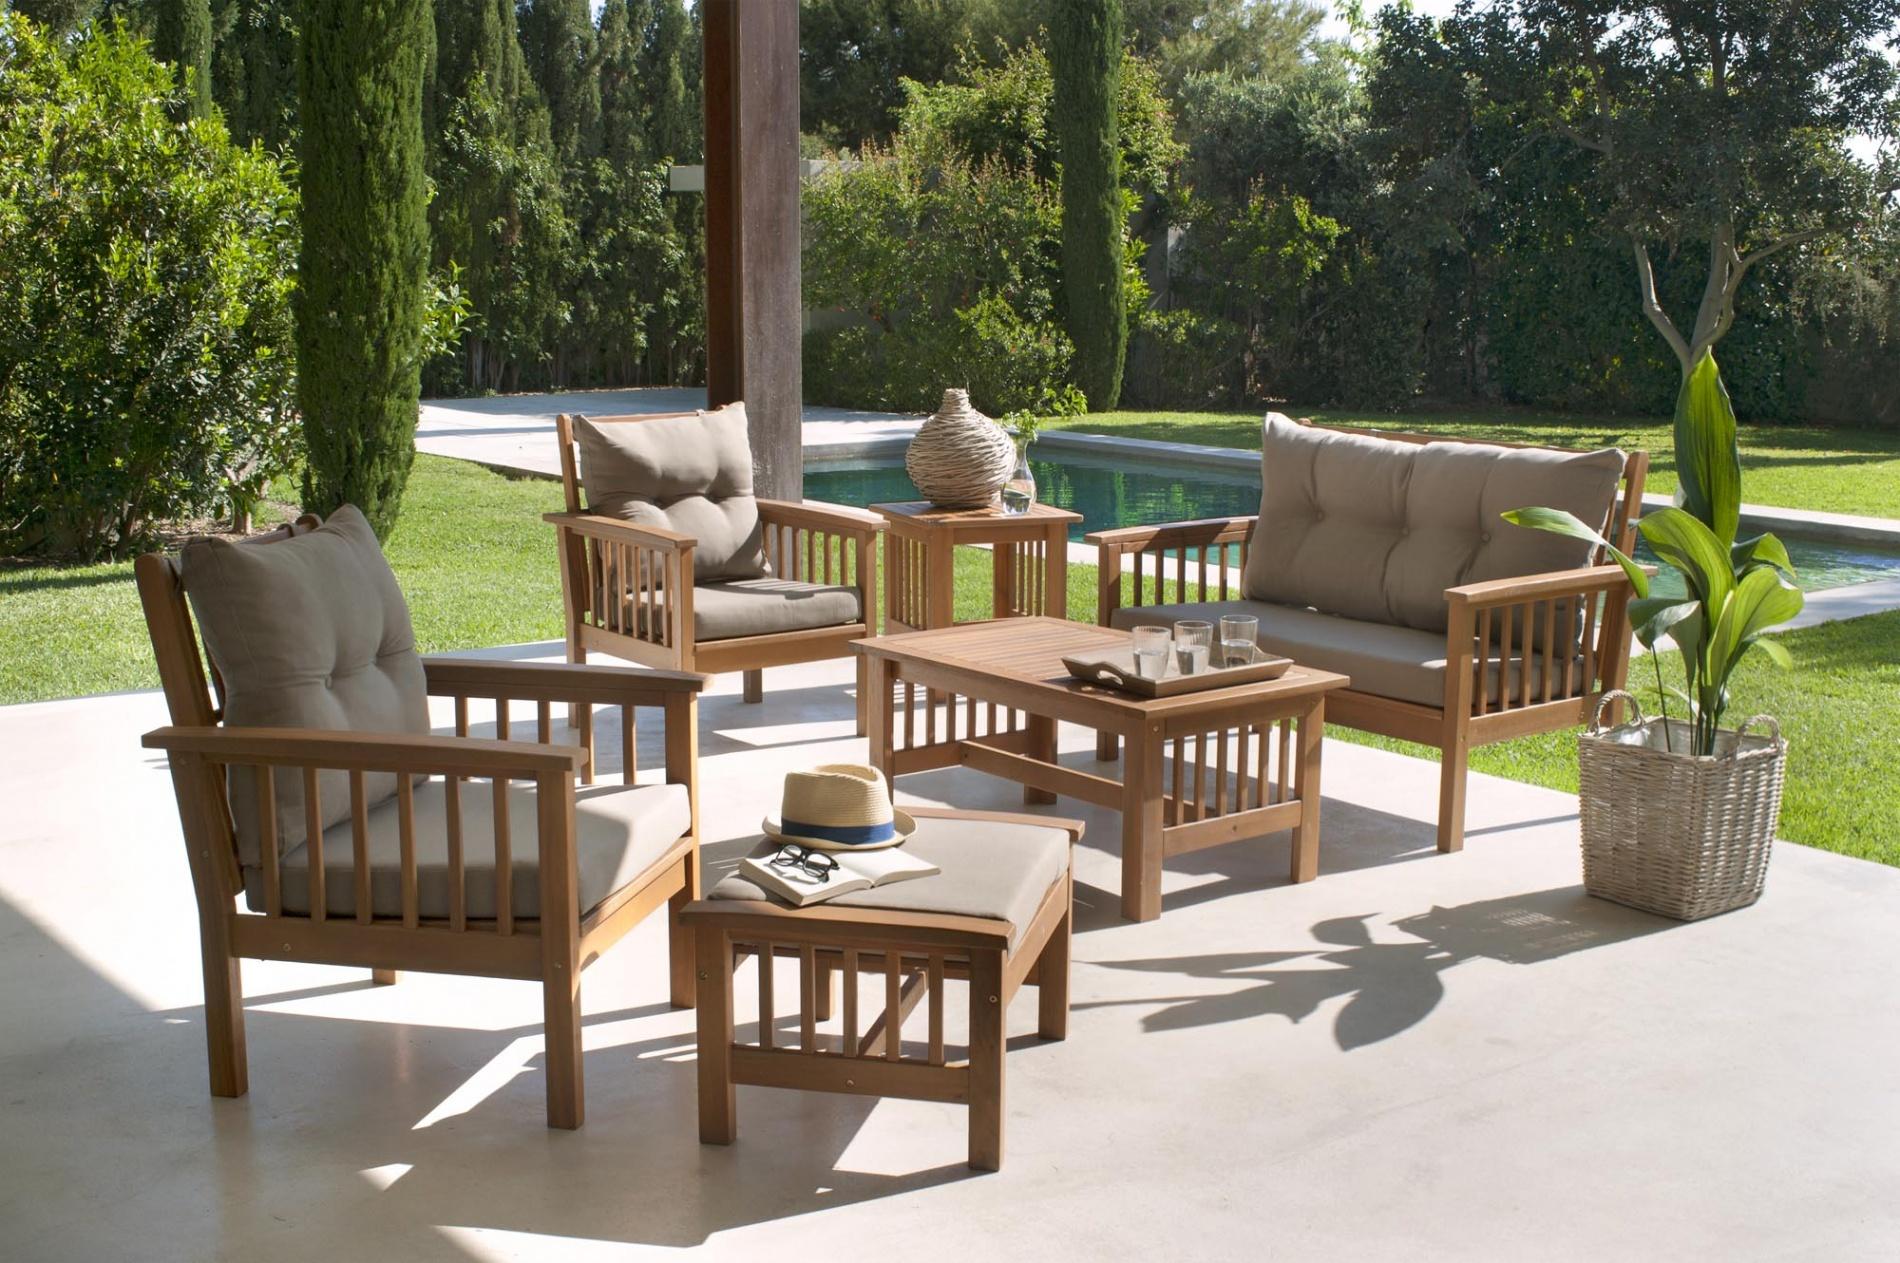 Salon de jardin acacia hanoi - Abri de jardin et balancoire idée